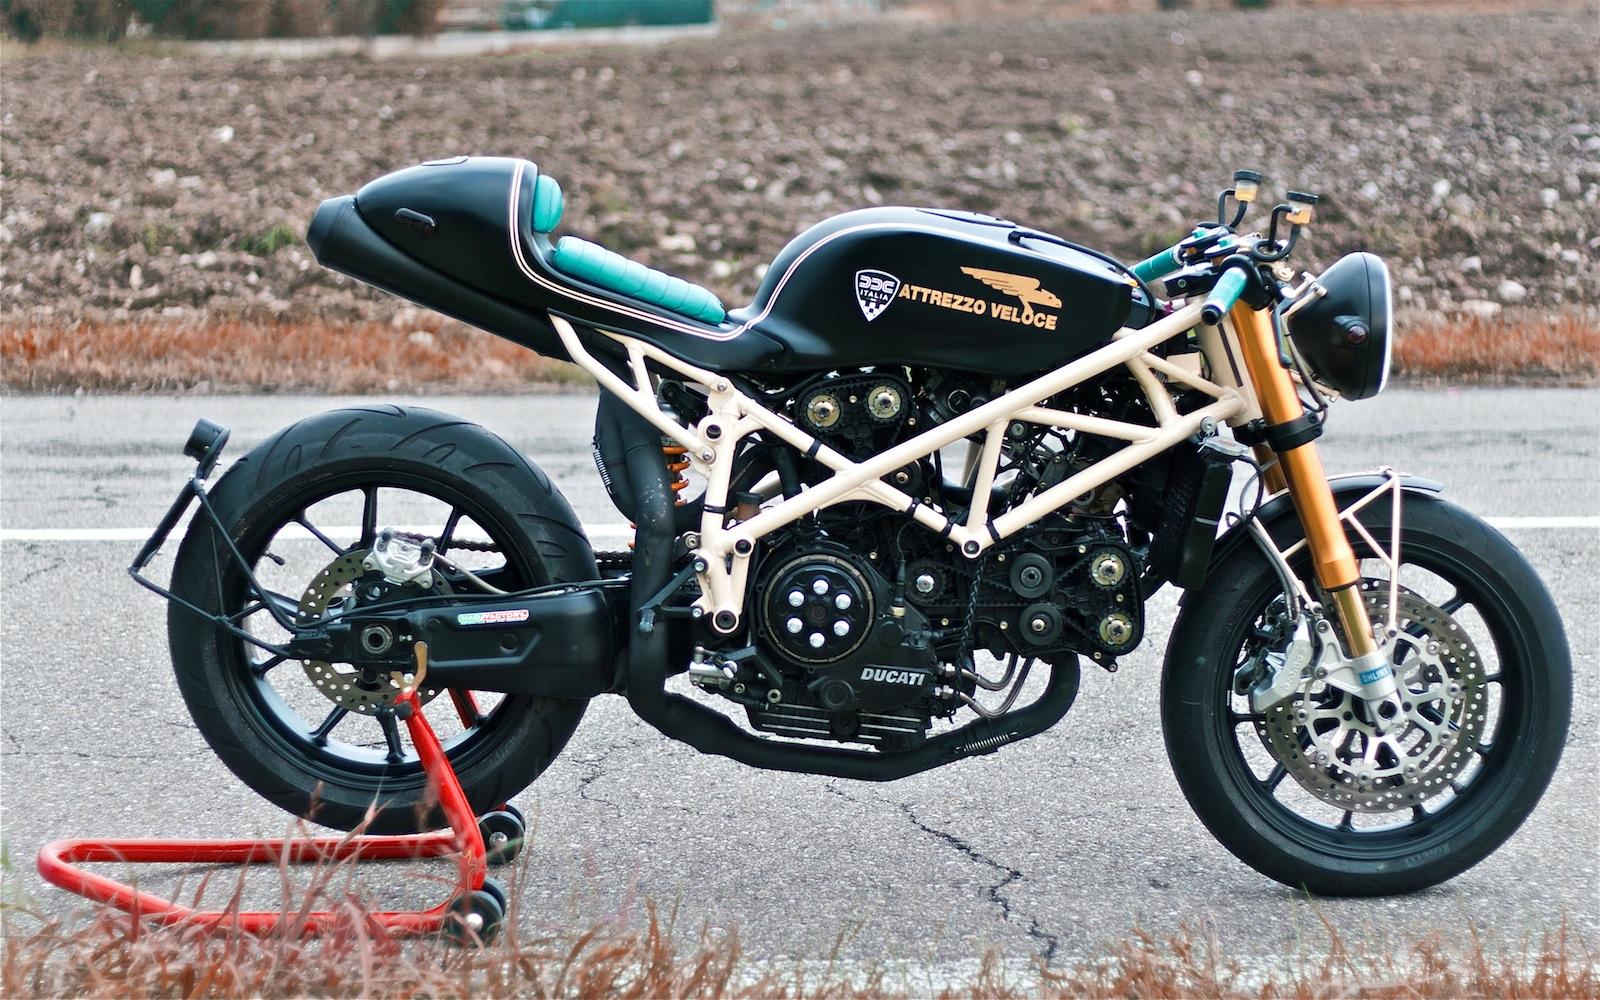 Inazuma Caf Racer Ducati 749 Fuse Box